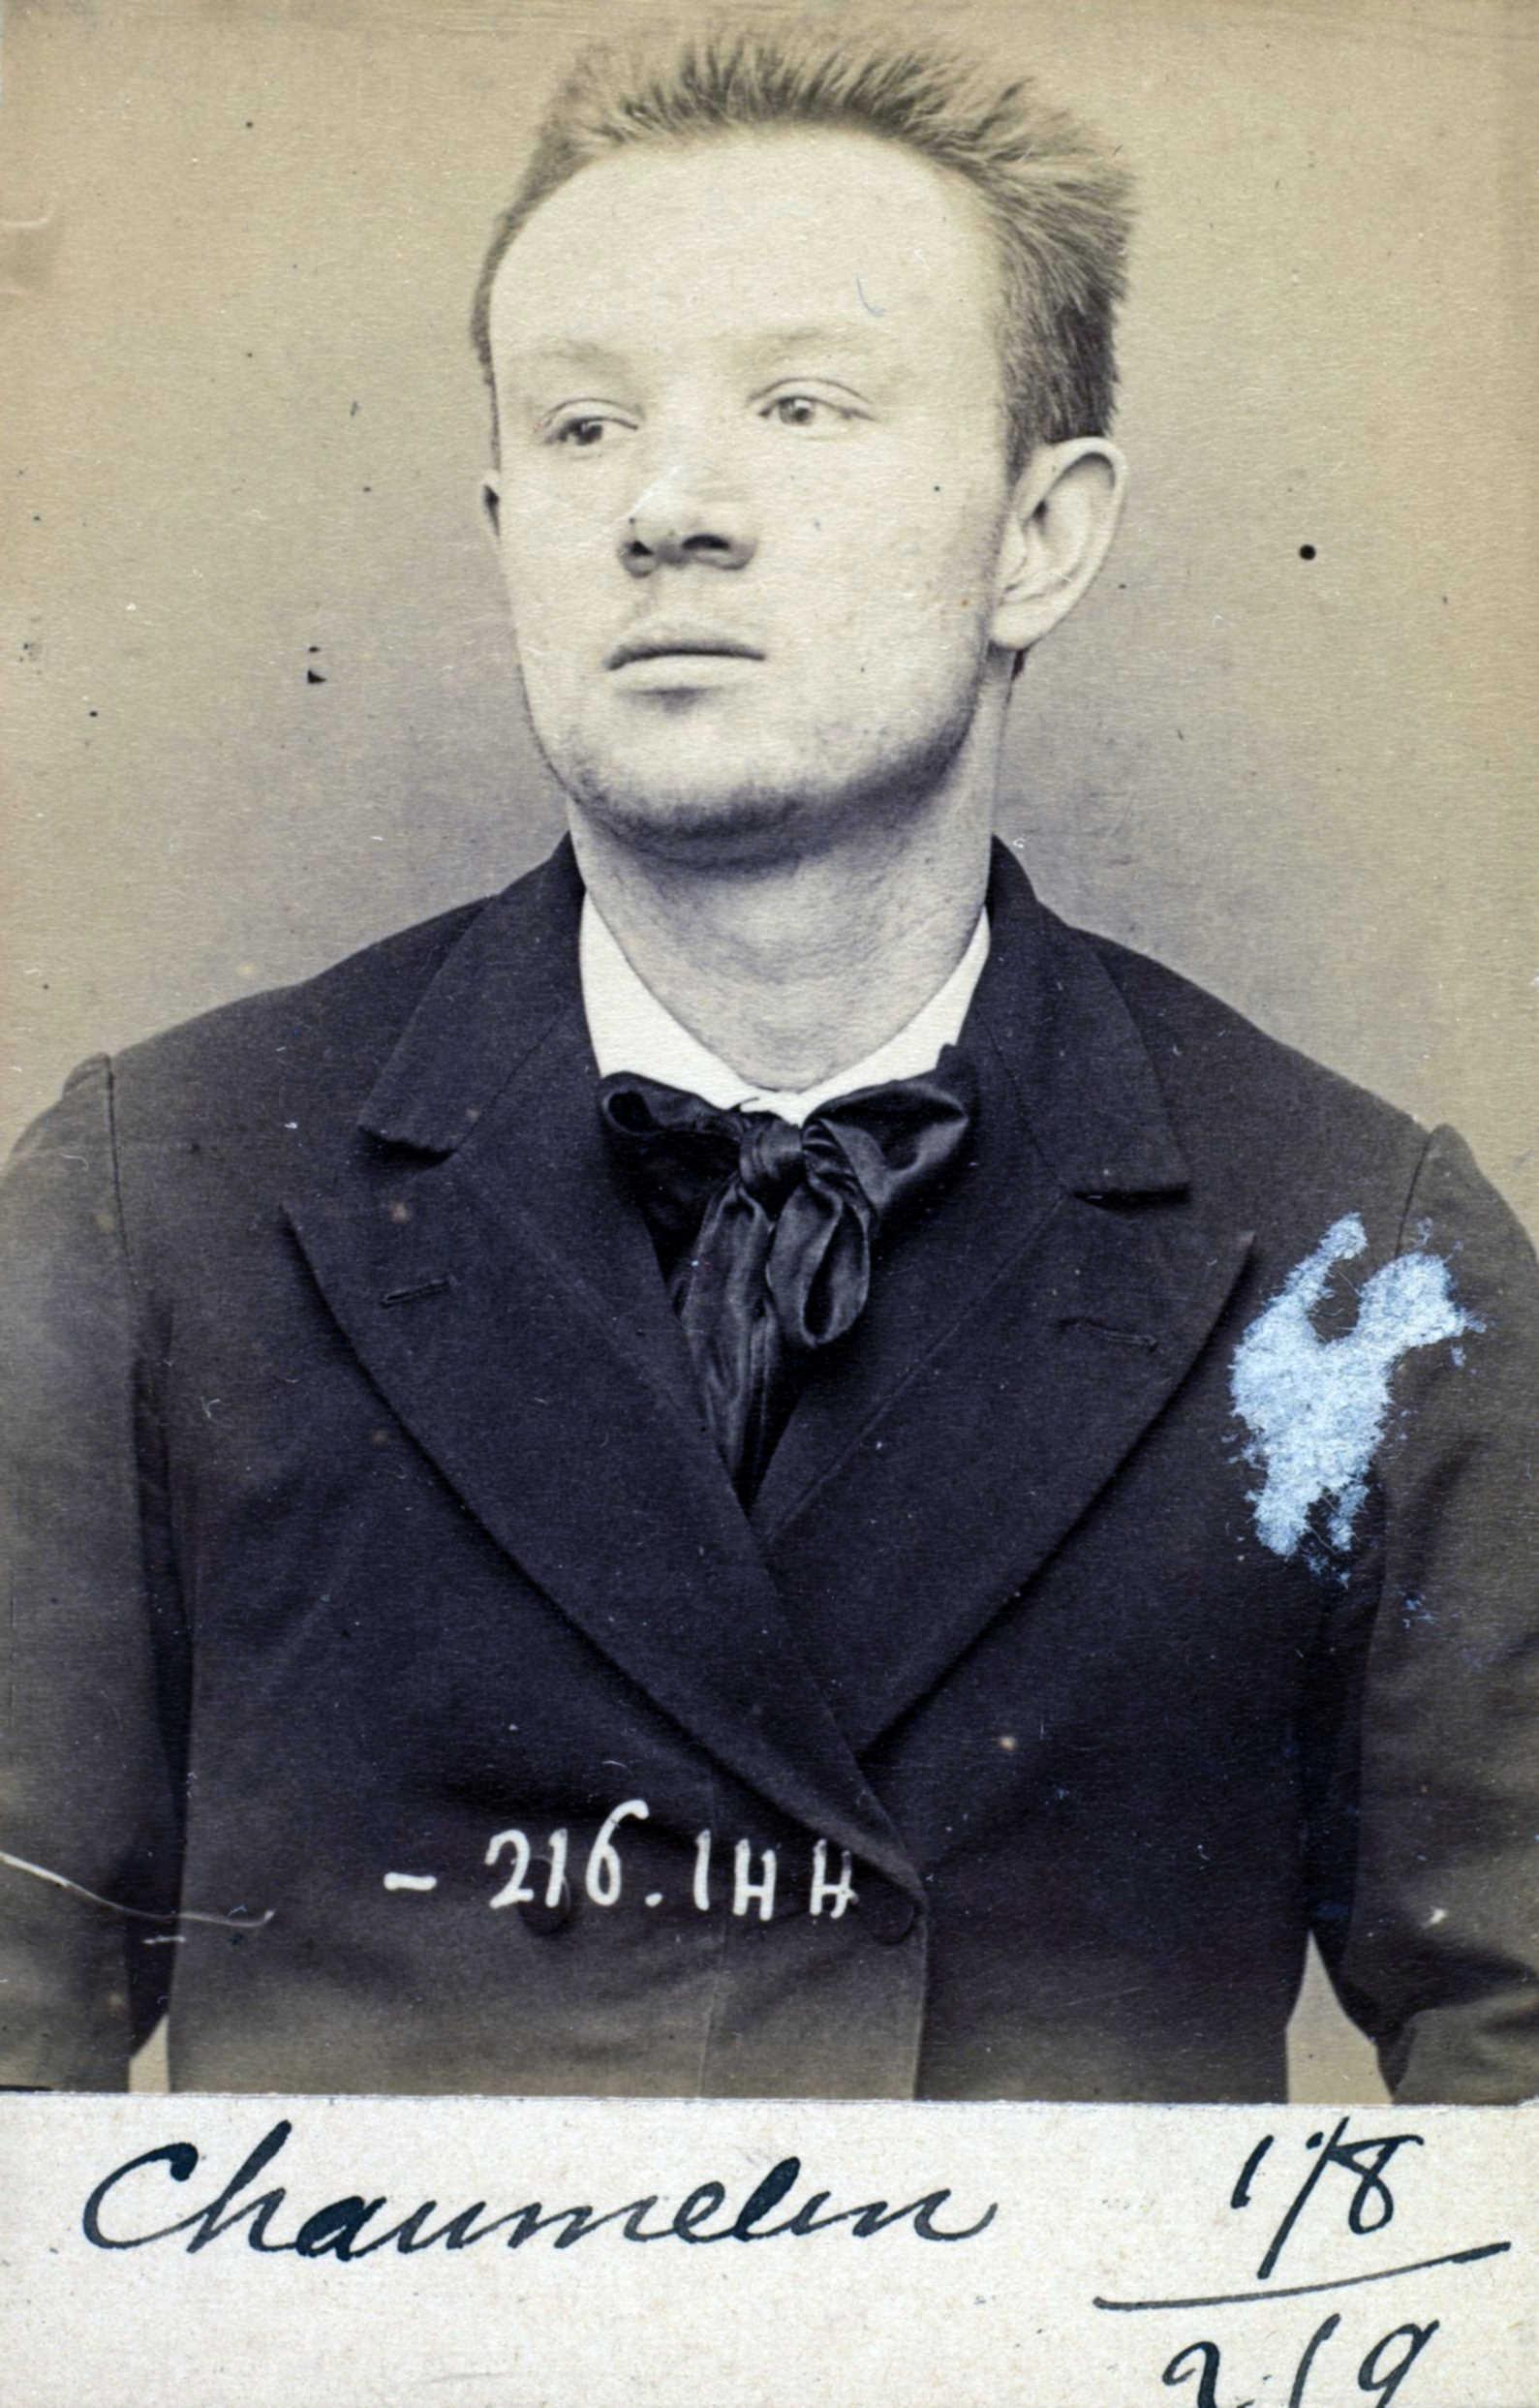 Foto policíaca d'Odilon Chaumelin (24 de març de 1894)